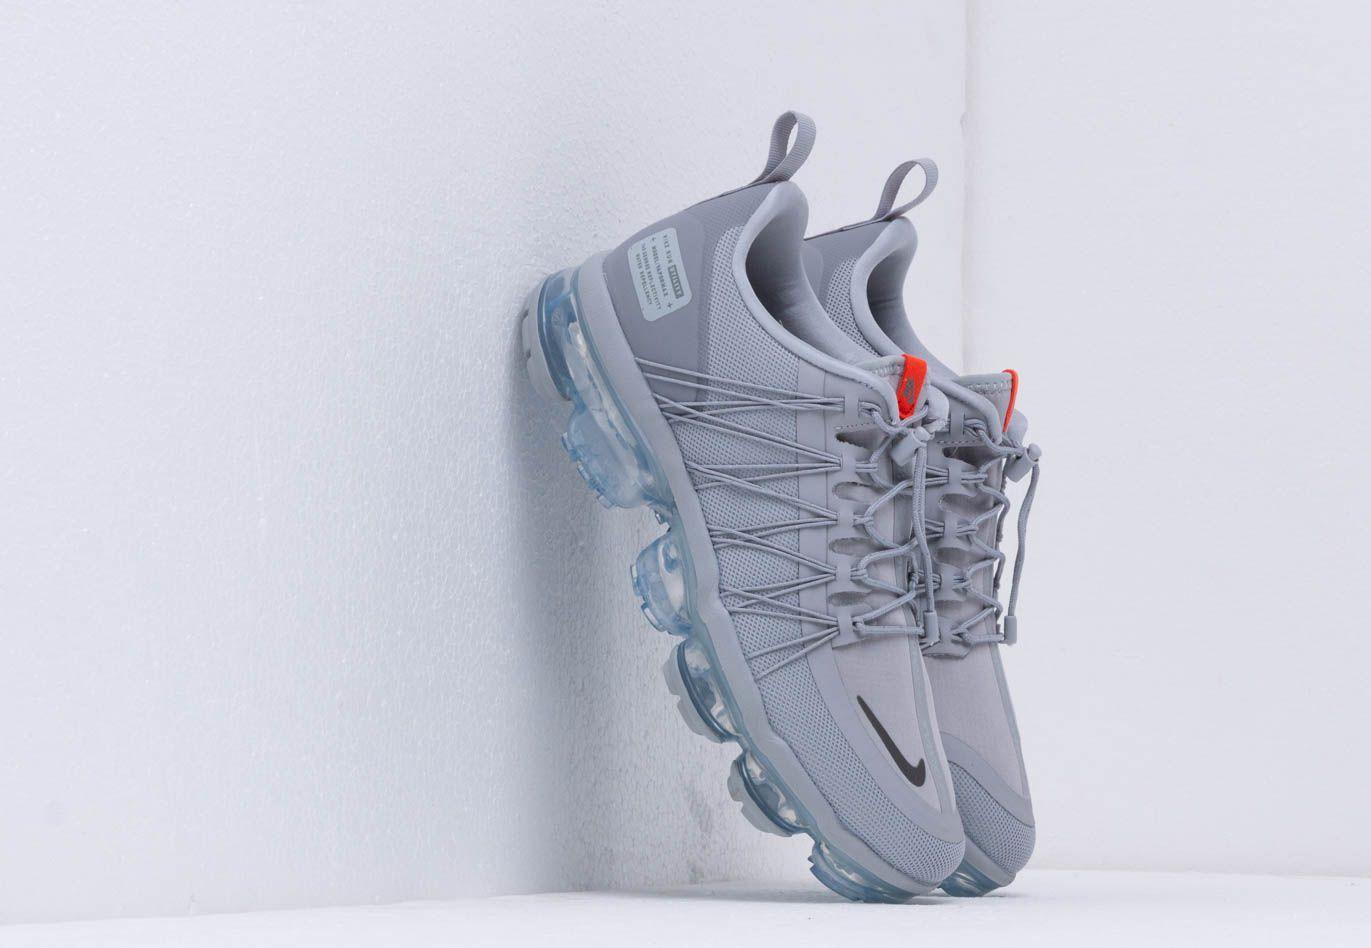 83321b5f6217f Lyst - Nike Air Vapormax Run Utility Wolf Grey  Cool Grey-team ...